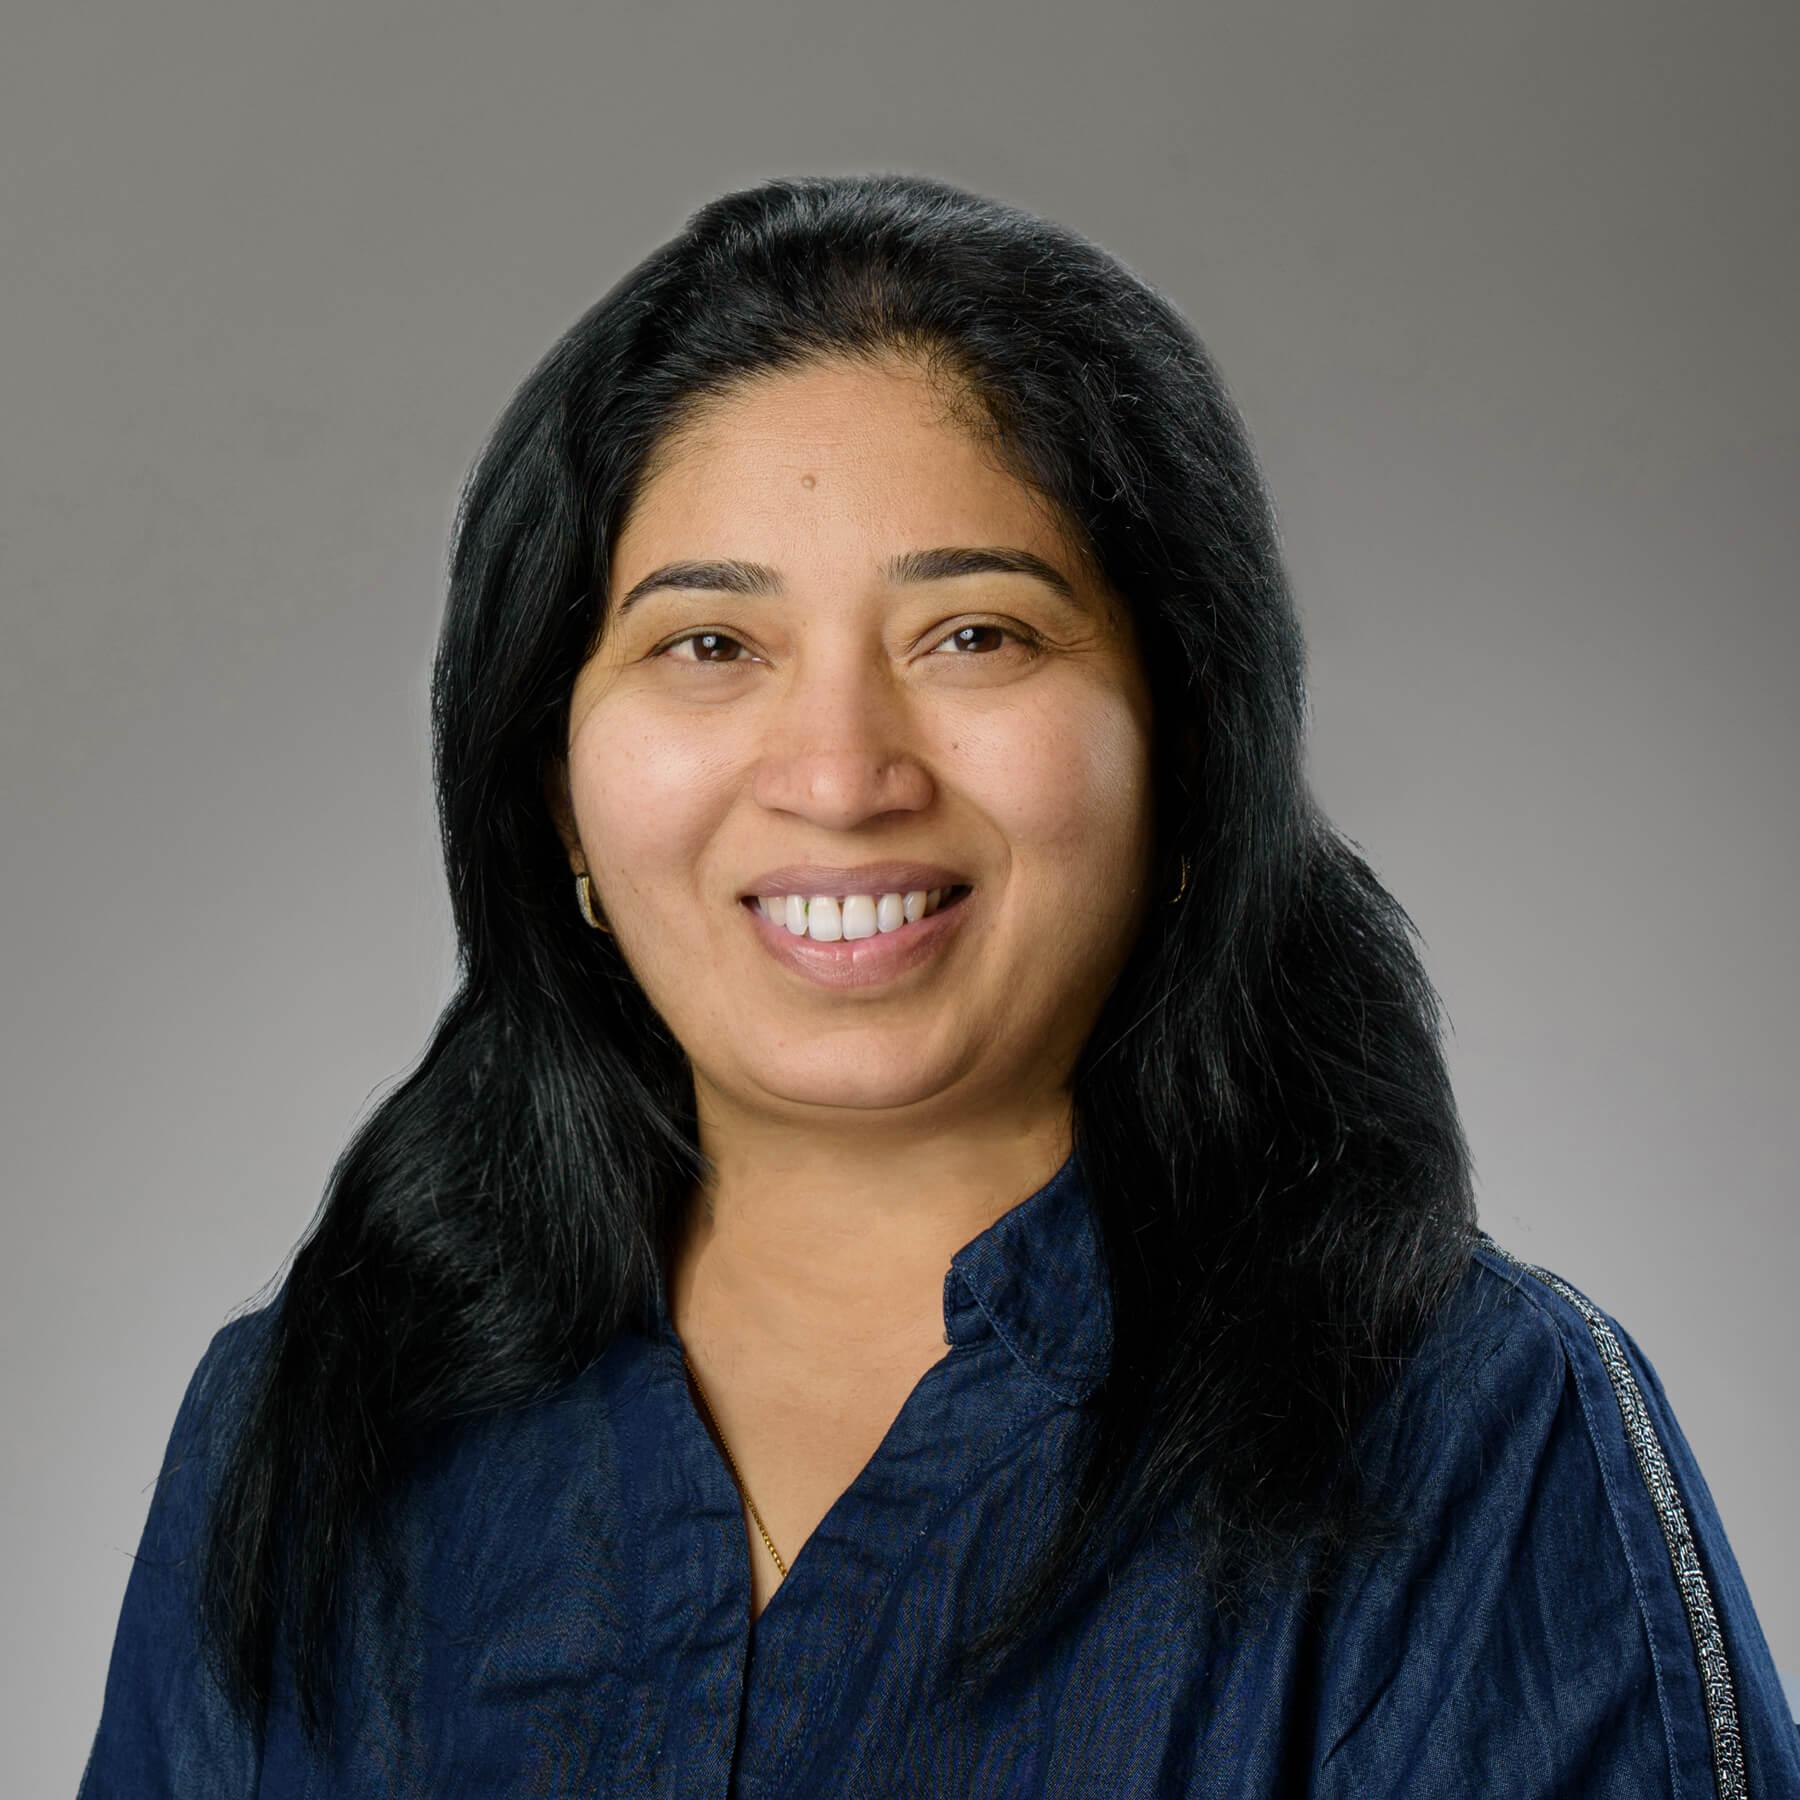 Infrrd Engineering - Priya Thampi